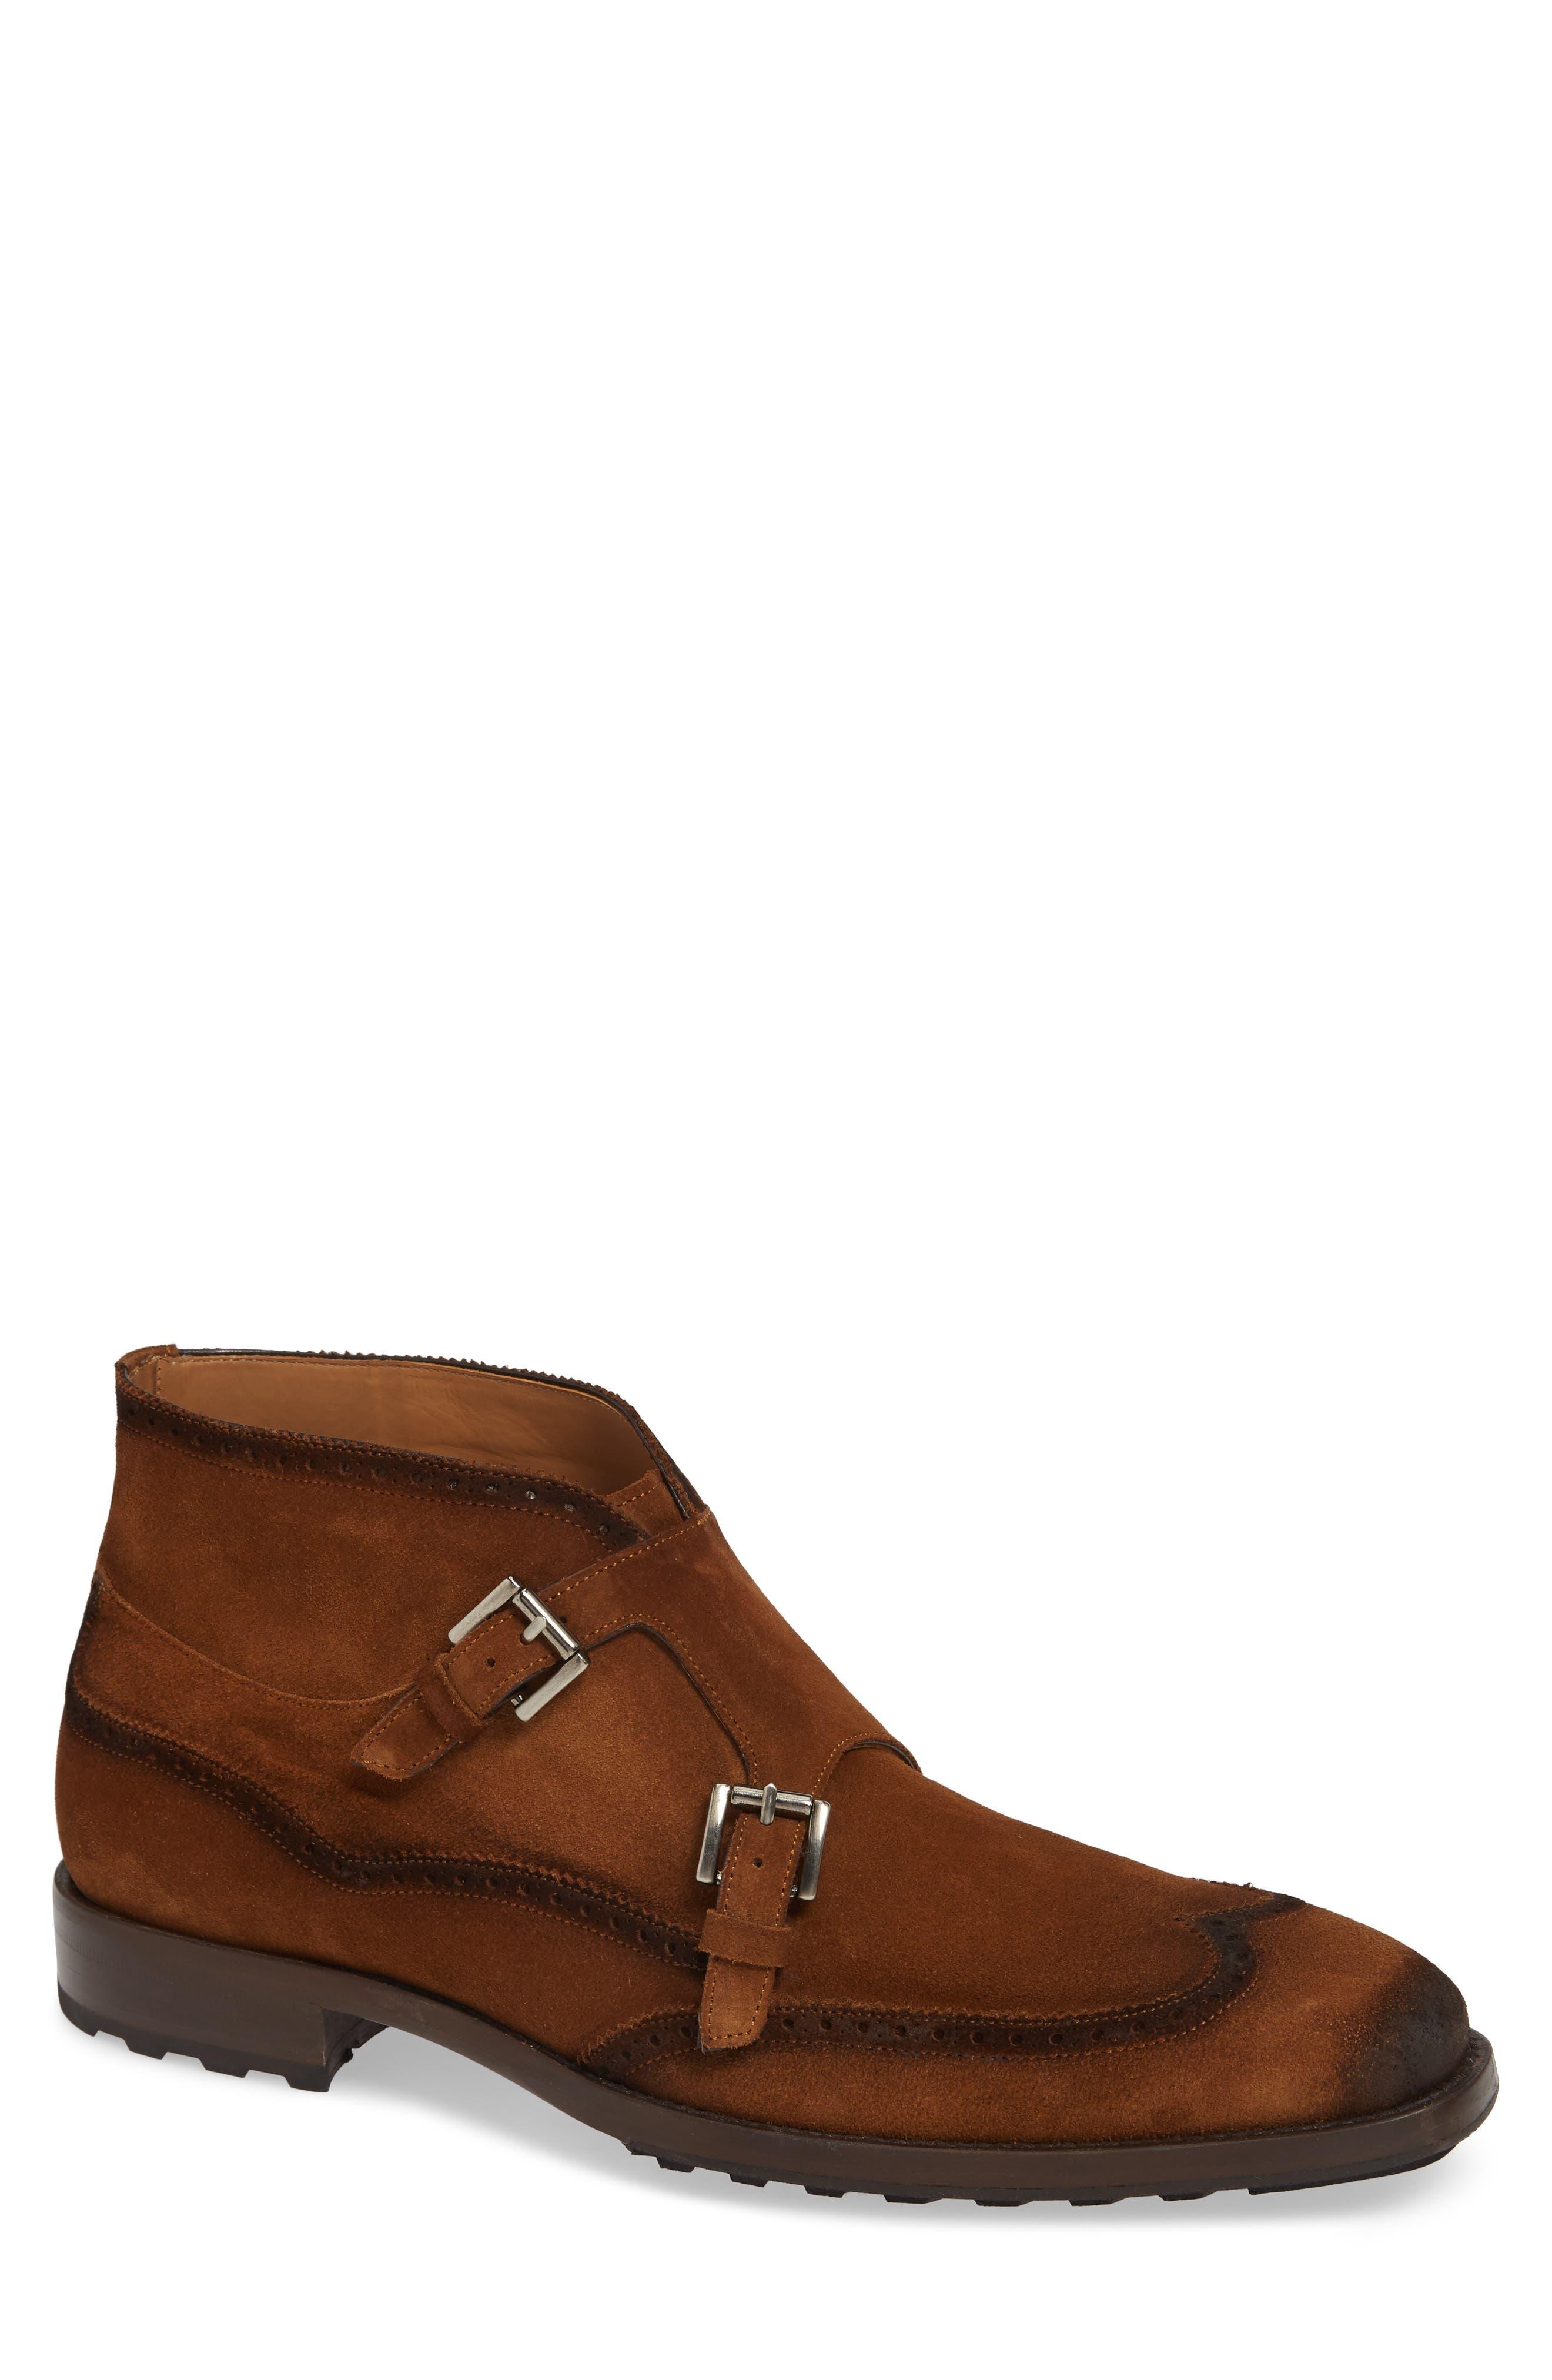 Mezlan Munoz Double Monk Strap Boot- Brown